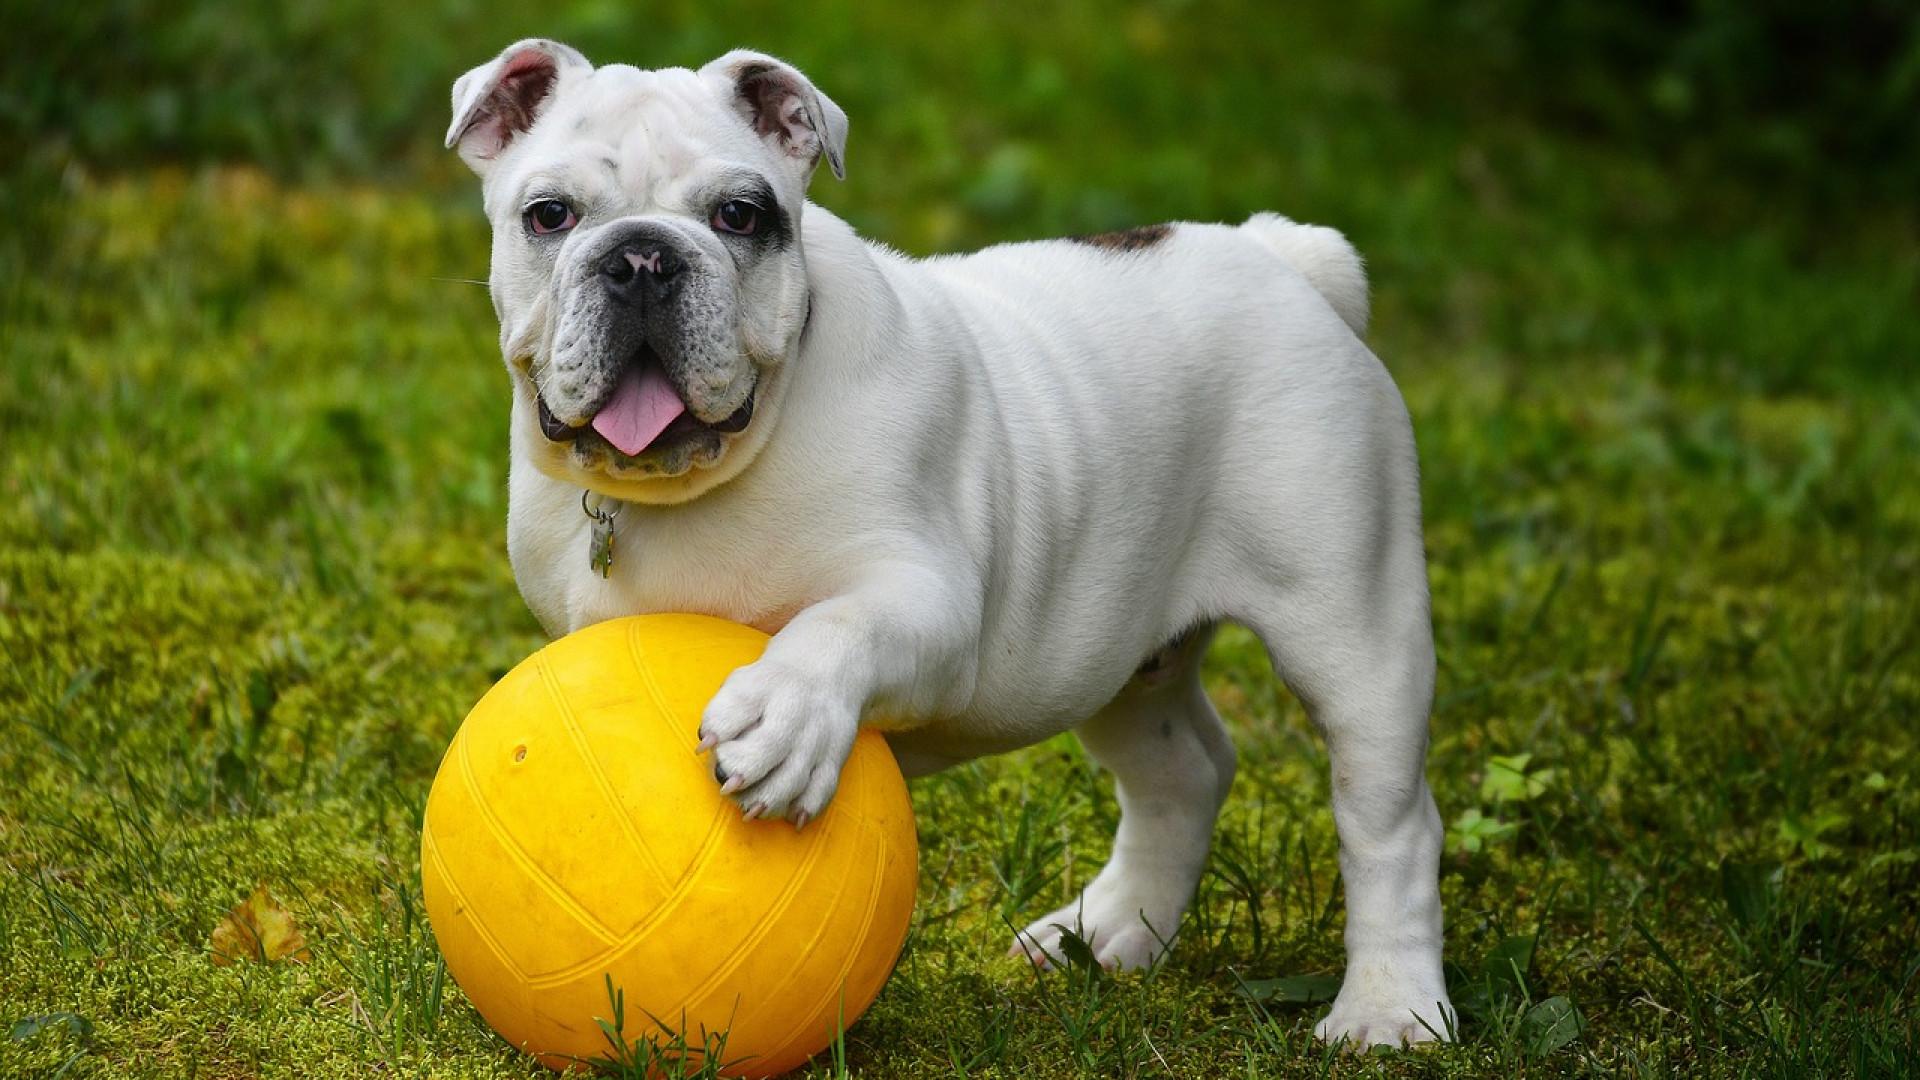 Quelle balle choisir pour son chien? 11